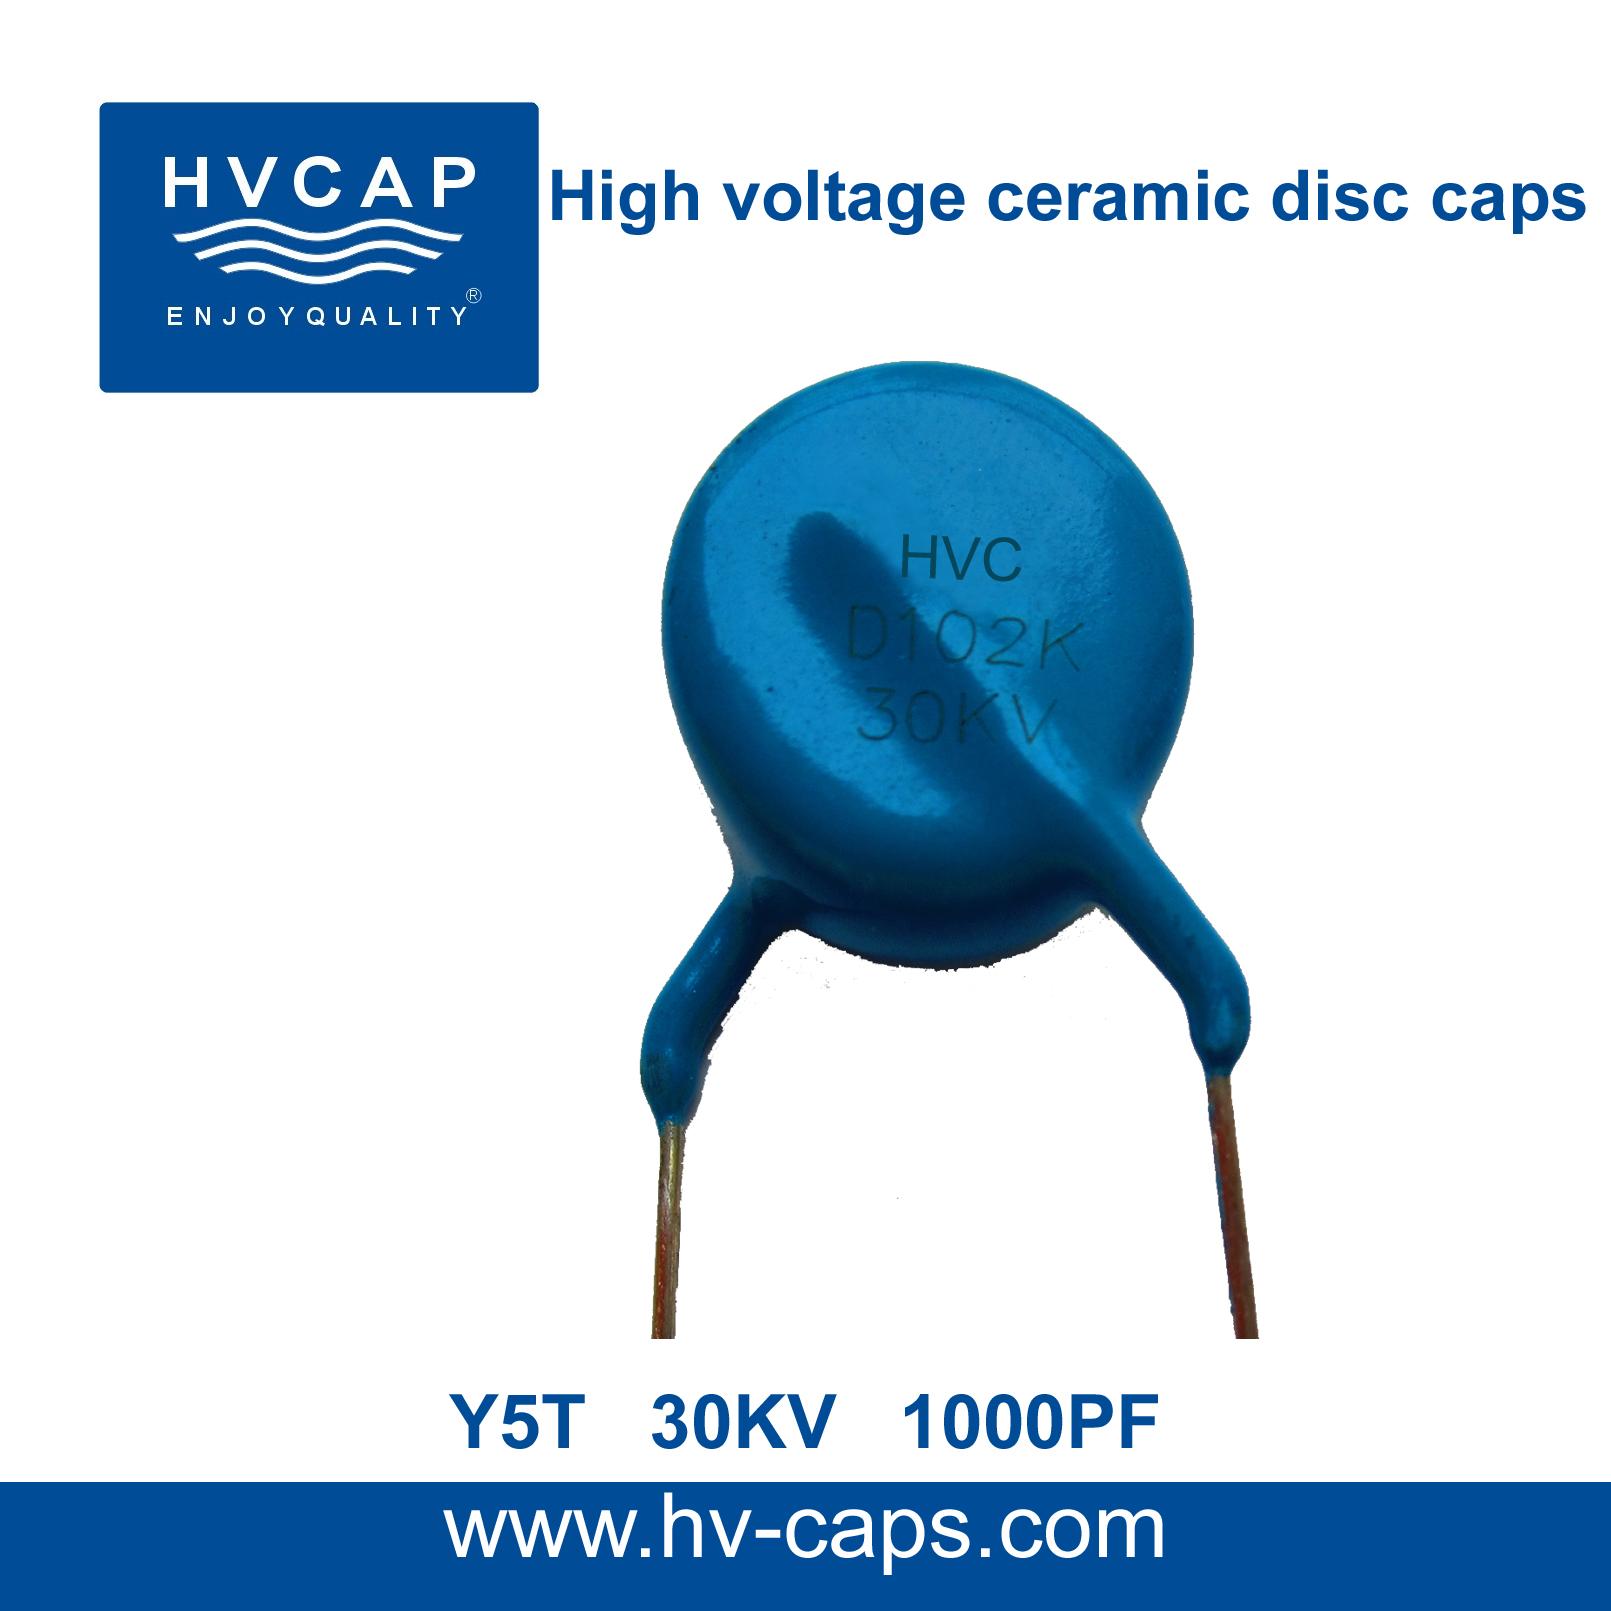 Hoë Spanning Keramiese Skyfkondensator 30KV 1000PF (30KV 102K)